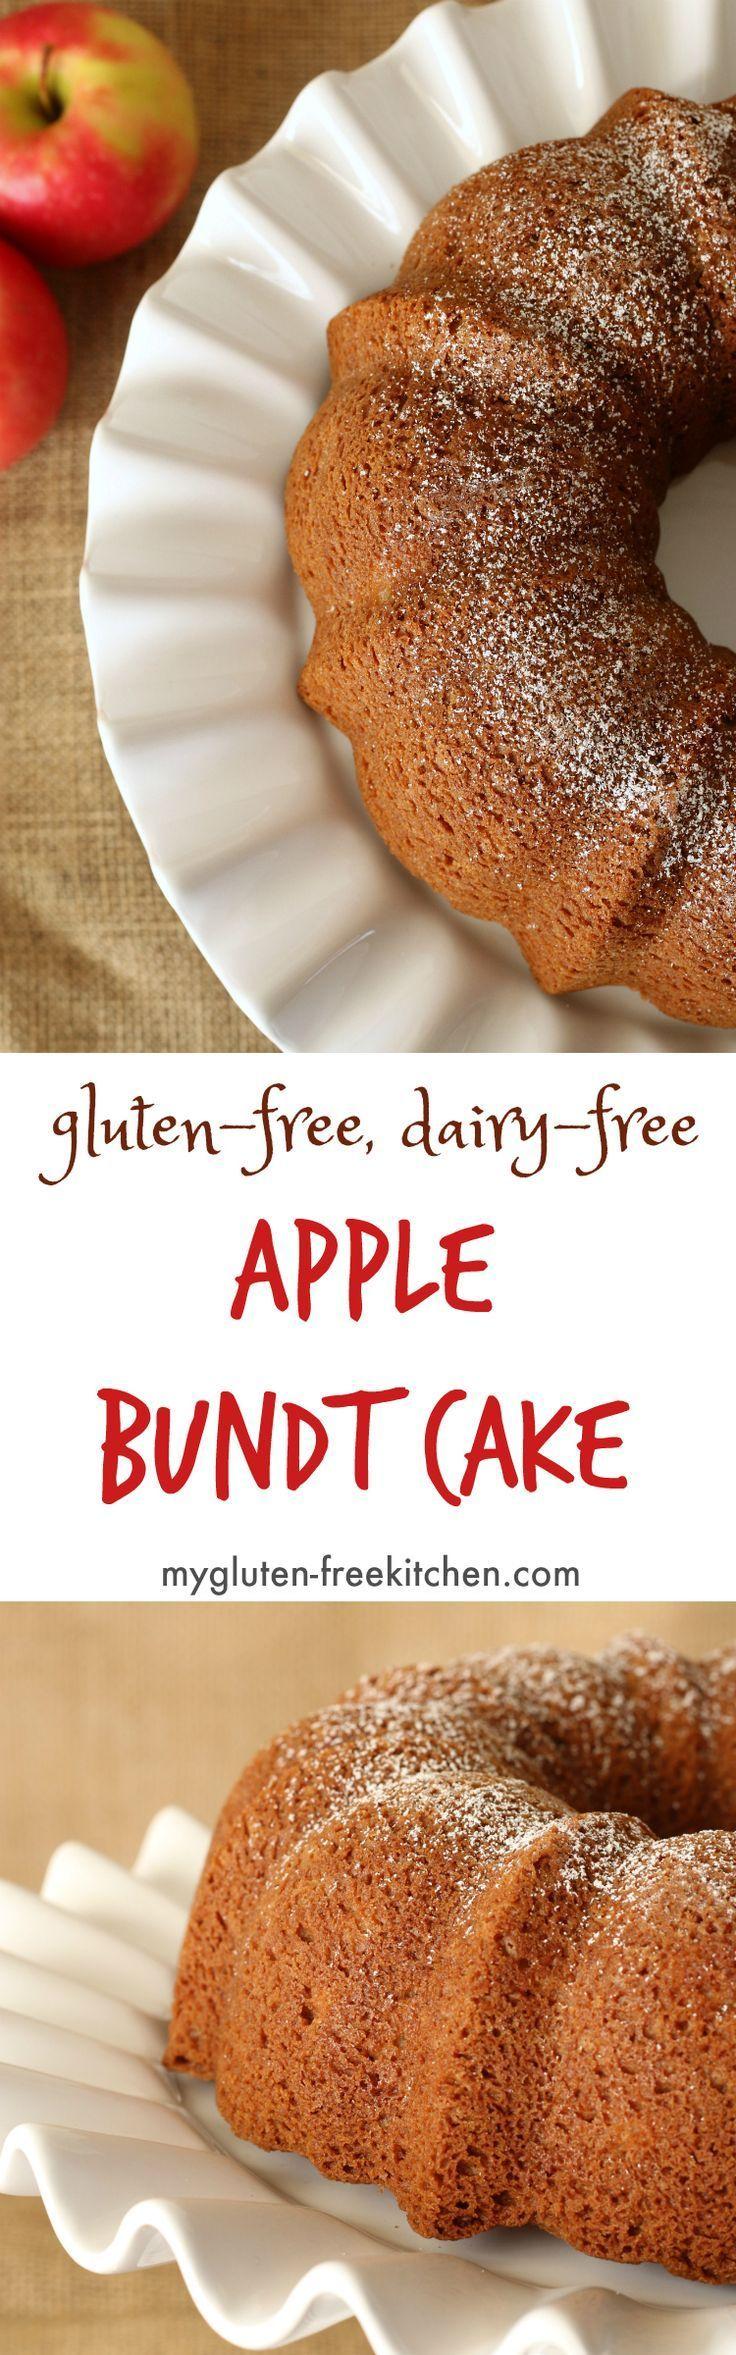 Fresh apple bundt cake glutenfree dairyfree recipe